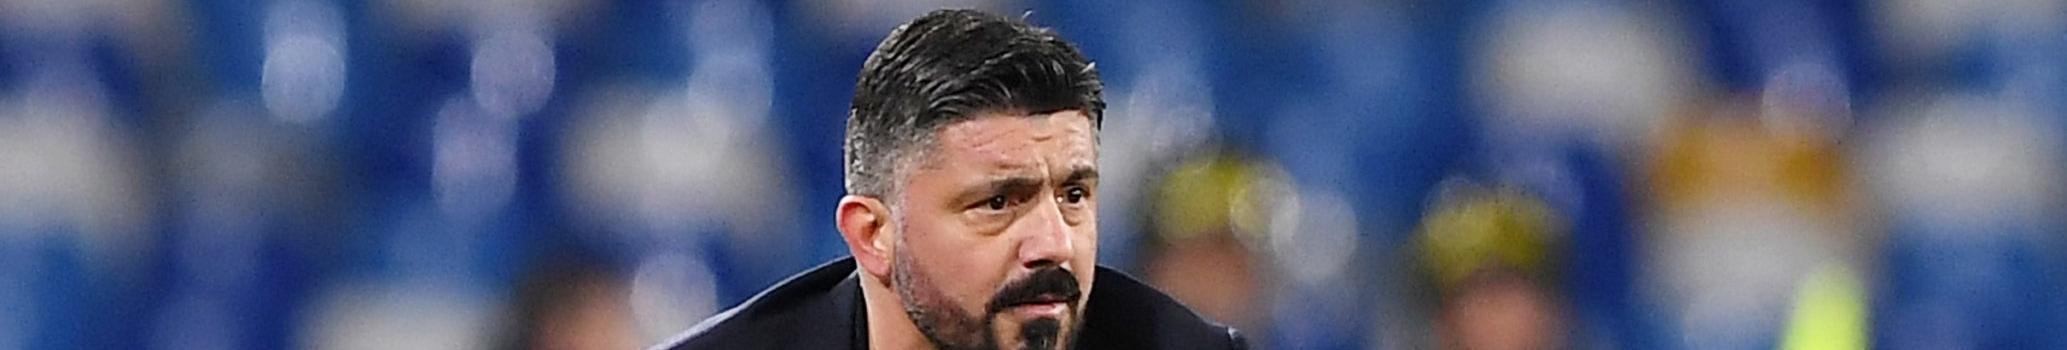 Napoli-Perugia, Gattuso sfida il passato e cerca il vero volto degli azzurri